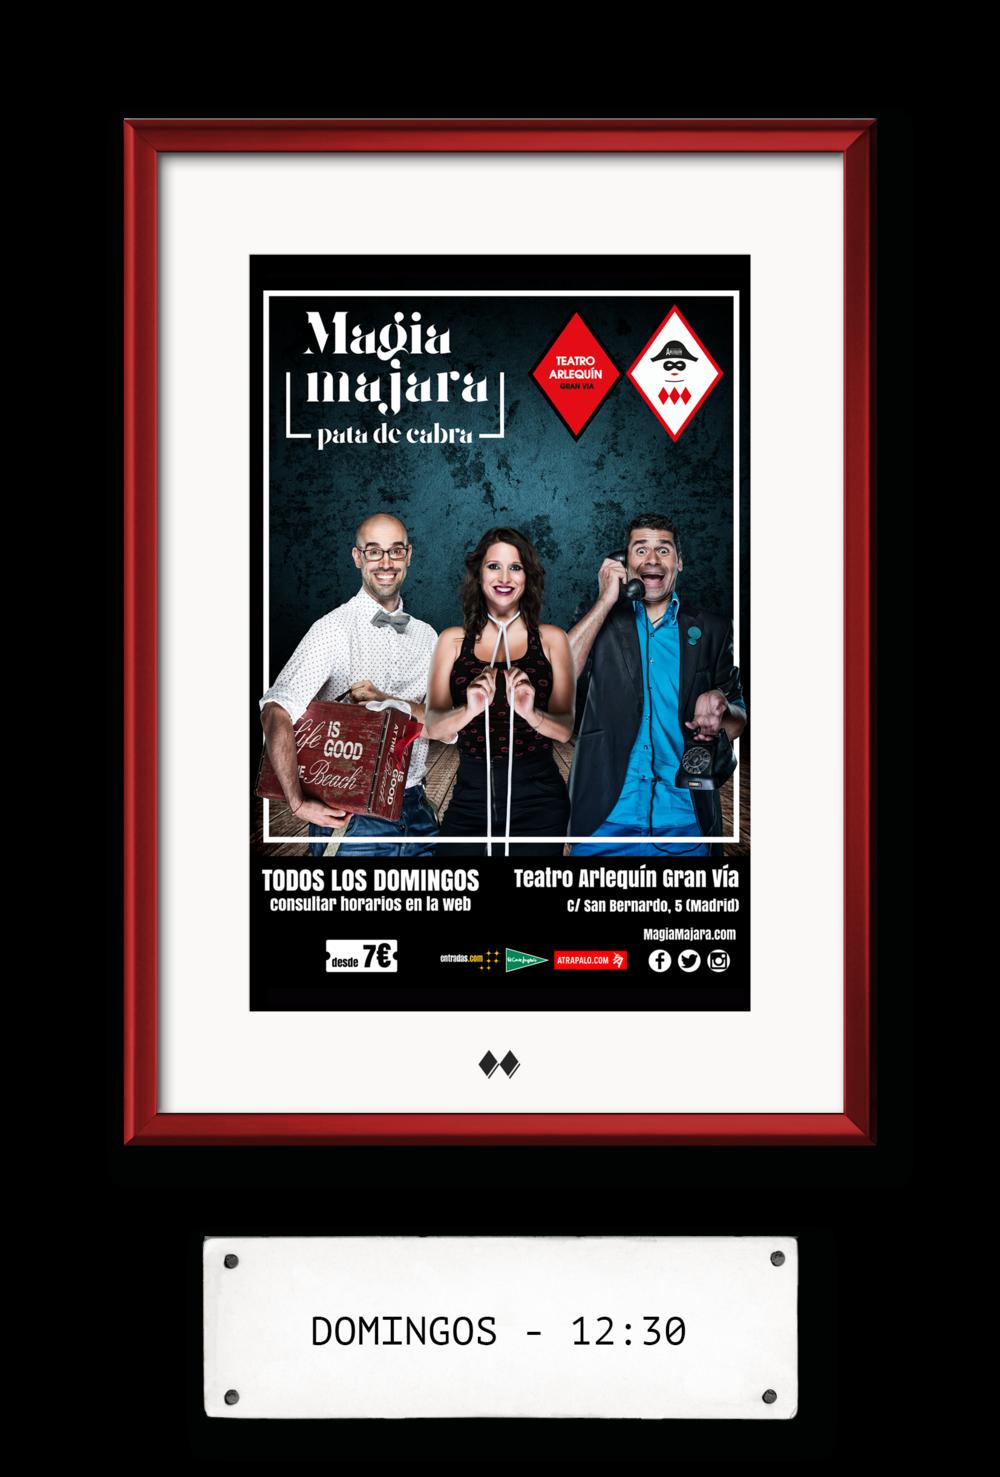 cuadro-magia-madrid-magia-majara-pata-de-cabra-teatro-arlequin-gran-via-comprar-entradas.png